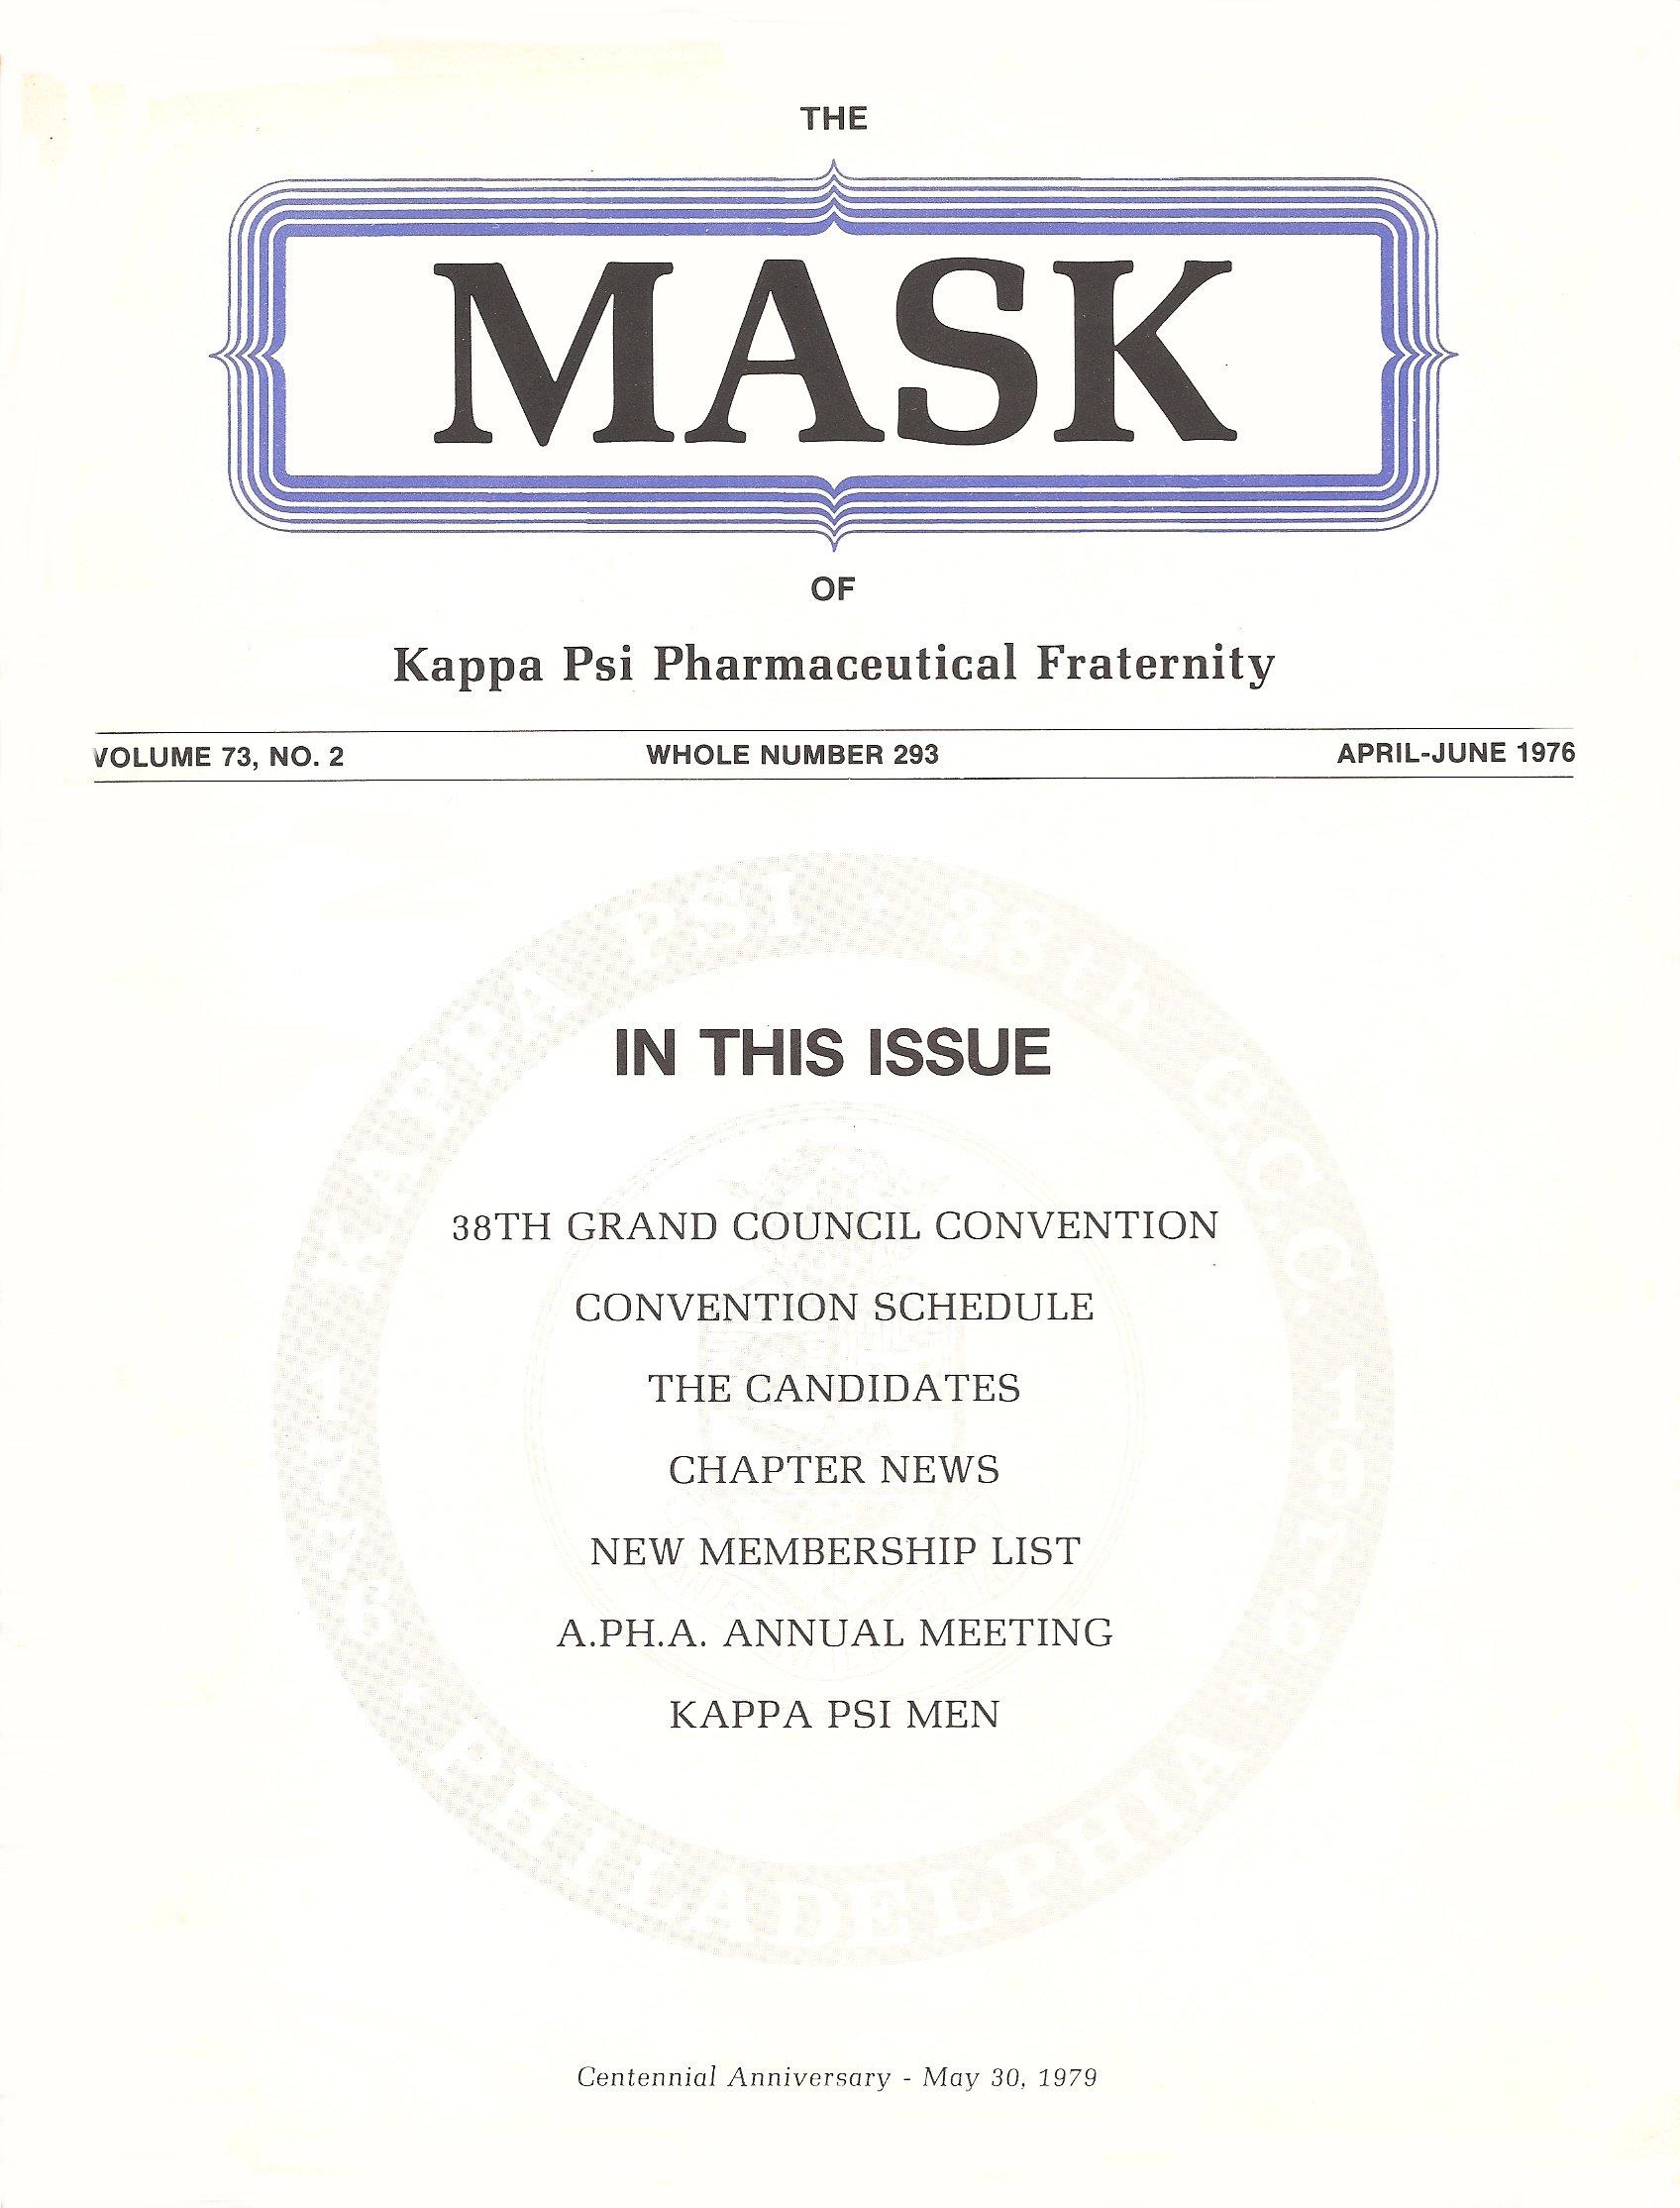 mask_cover_04_1976.jpg